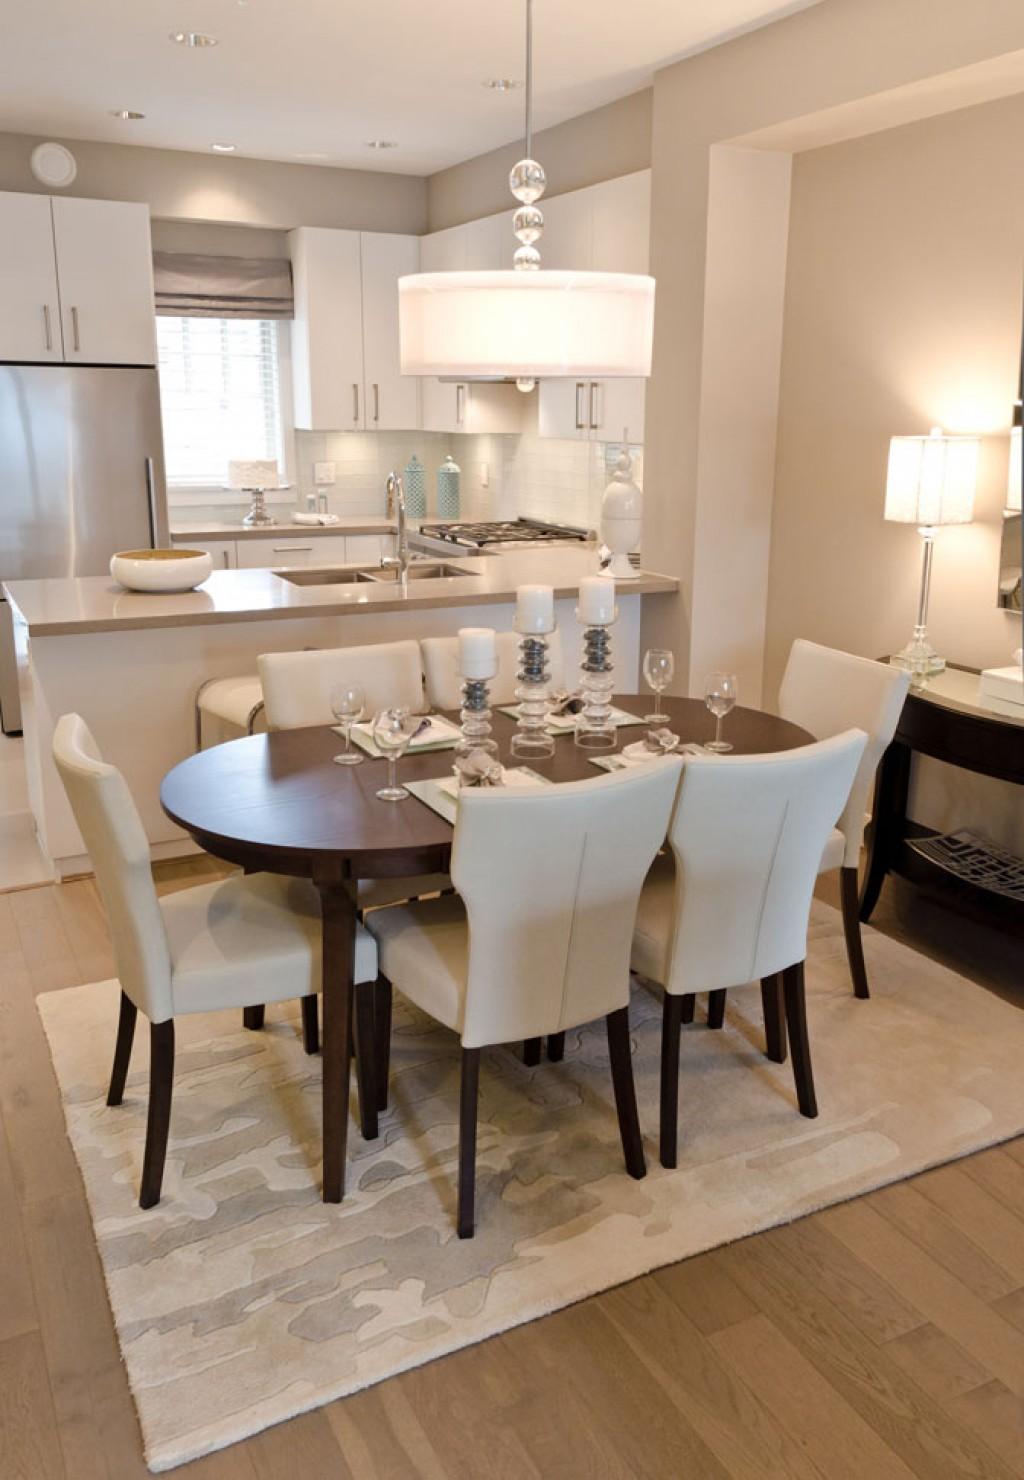 Arquitetura e Design - O mobiliário deve combinar com o piso?